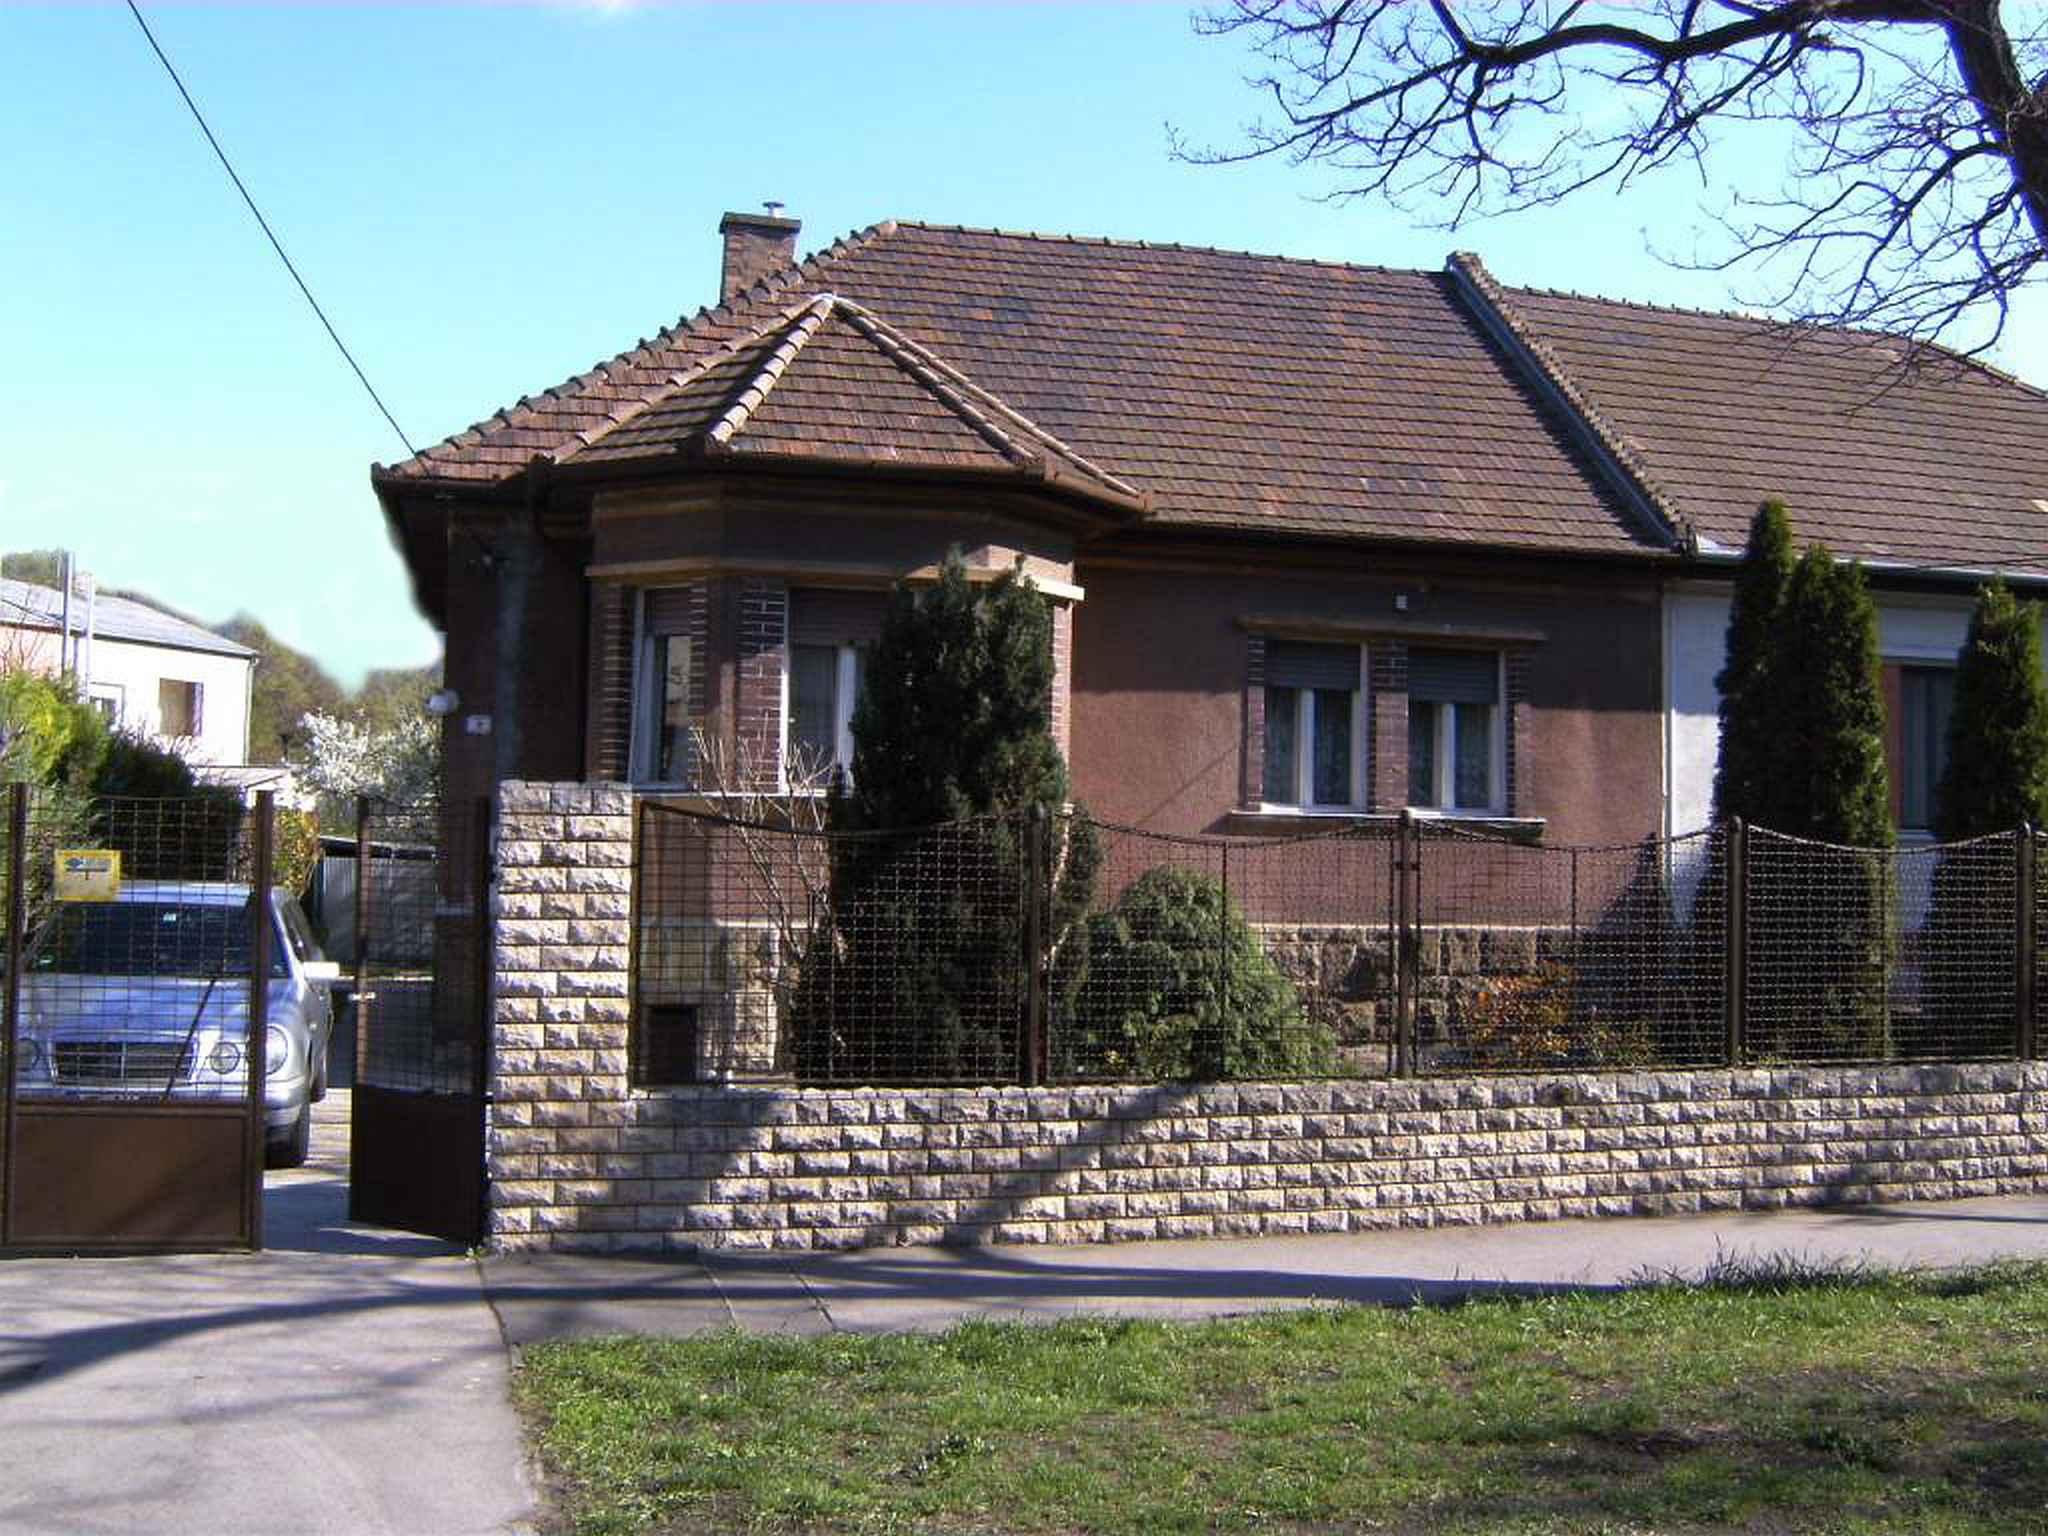 Ferienhaus mit Garten in toller Lage und bürg